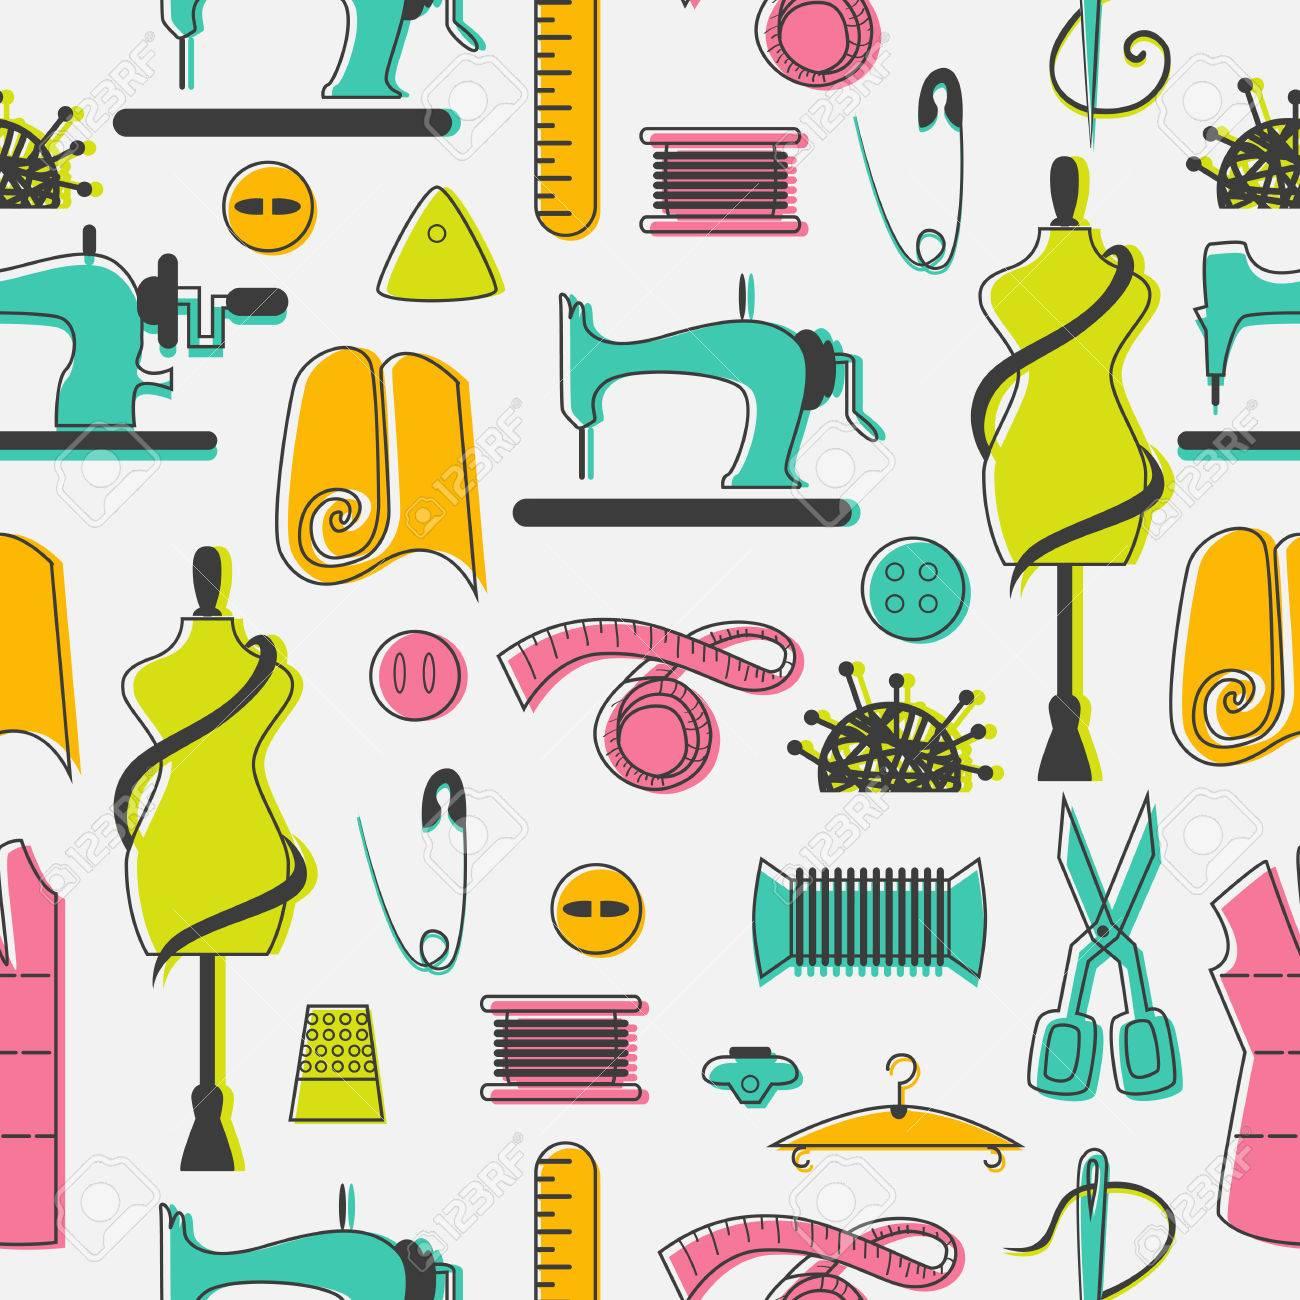 Elementos de costura y sastrería de patrón transparente. máquina de coser,  textil, tijeras, elemento de costura y otros productos artesanales